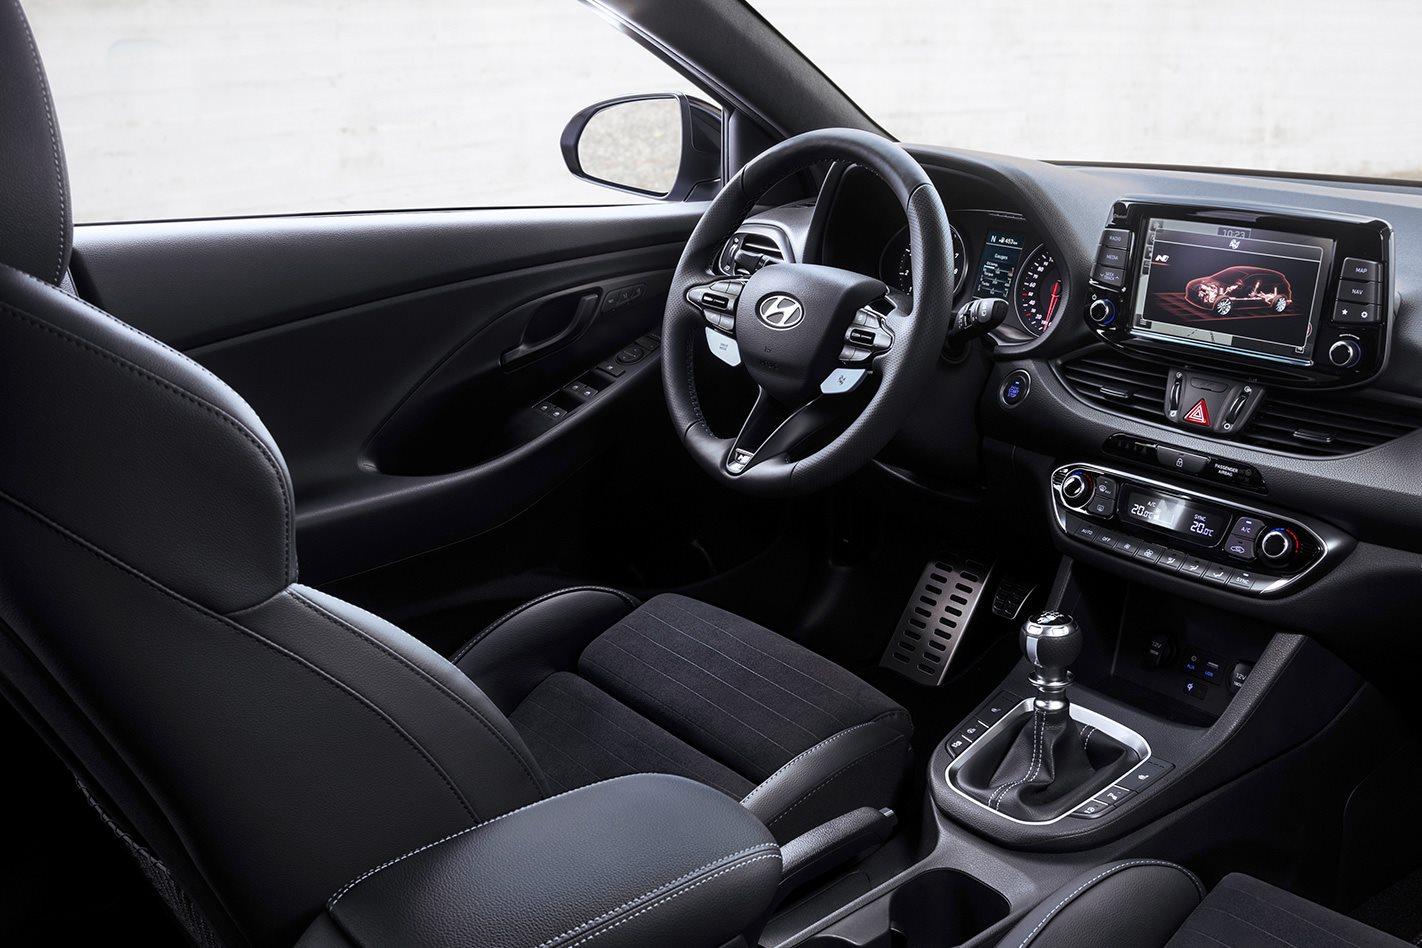 2018 Hyundai i30 N interior